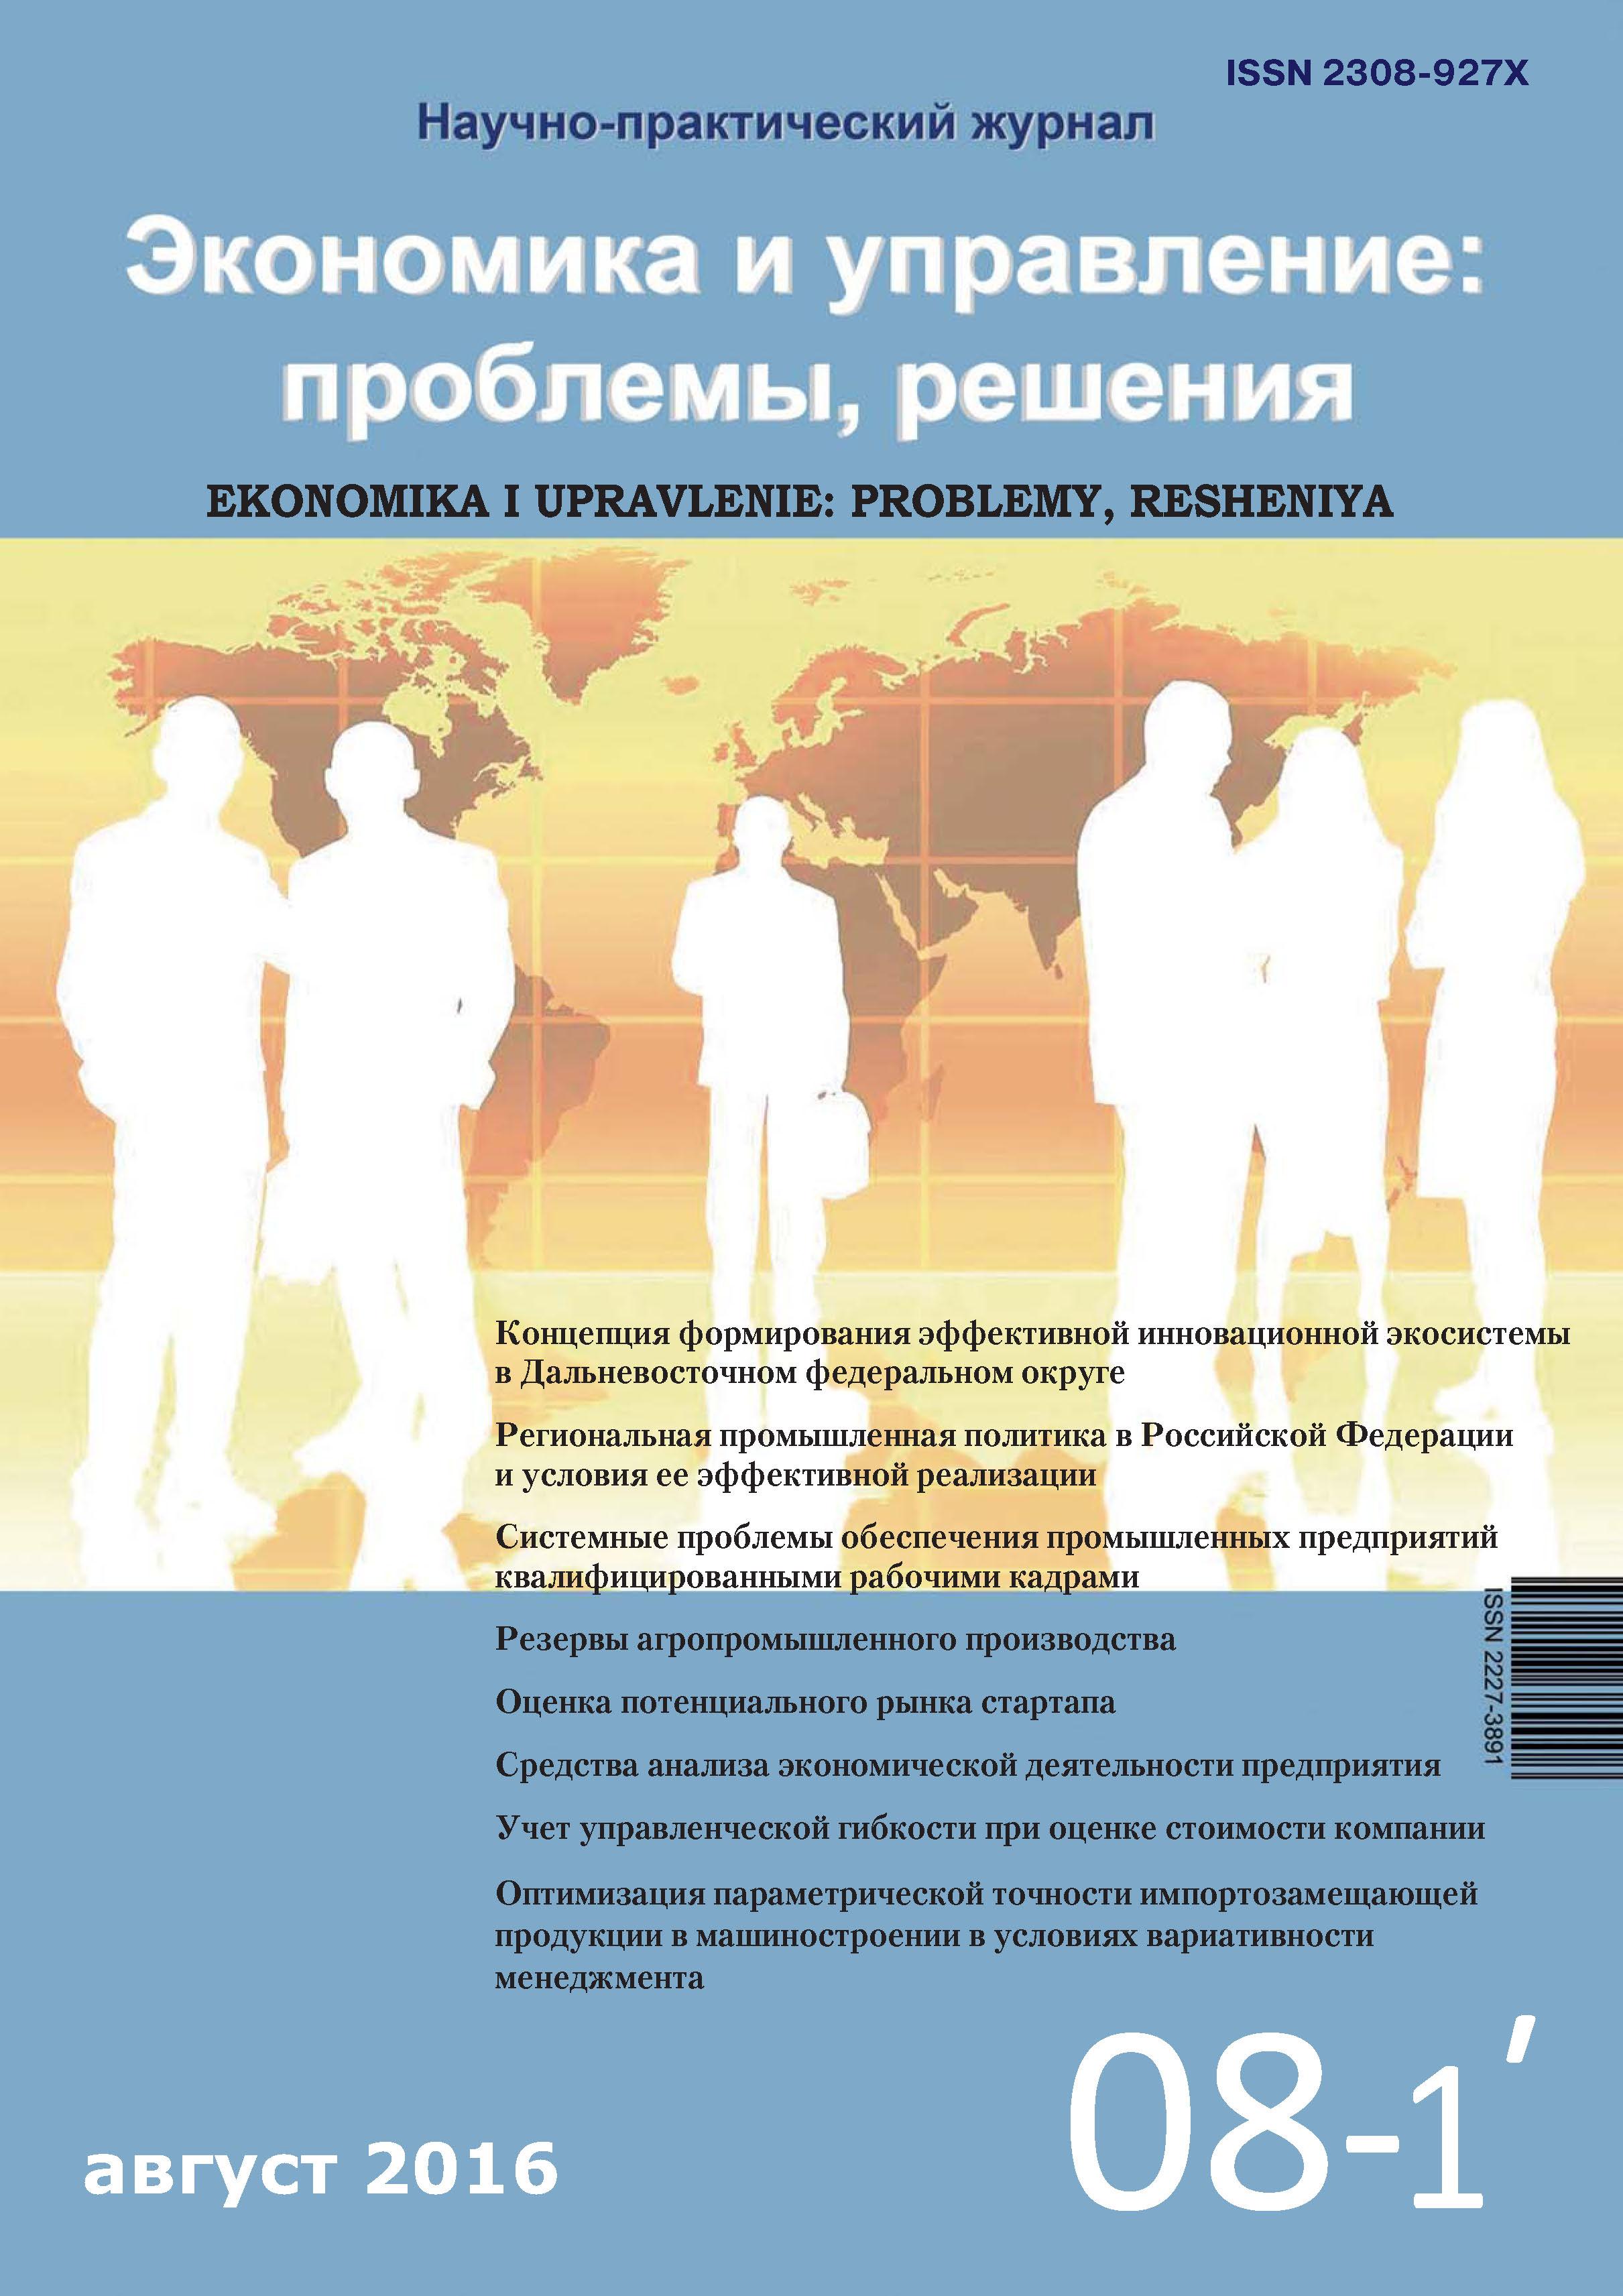 Экономика и управление: проблемы, решения №08/2016